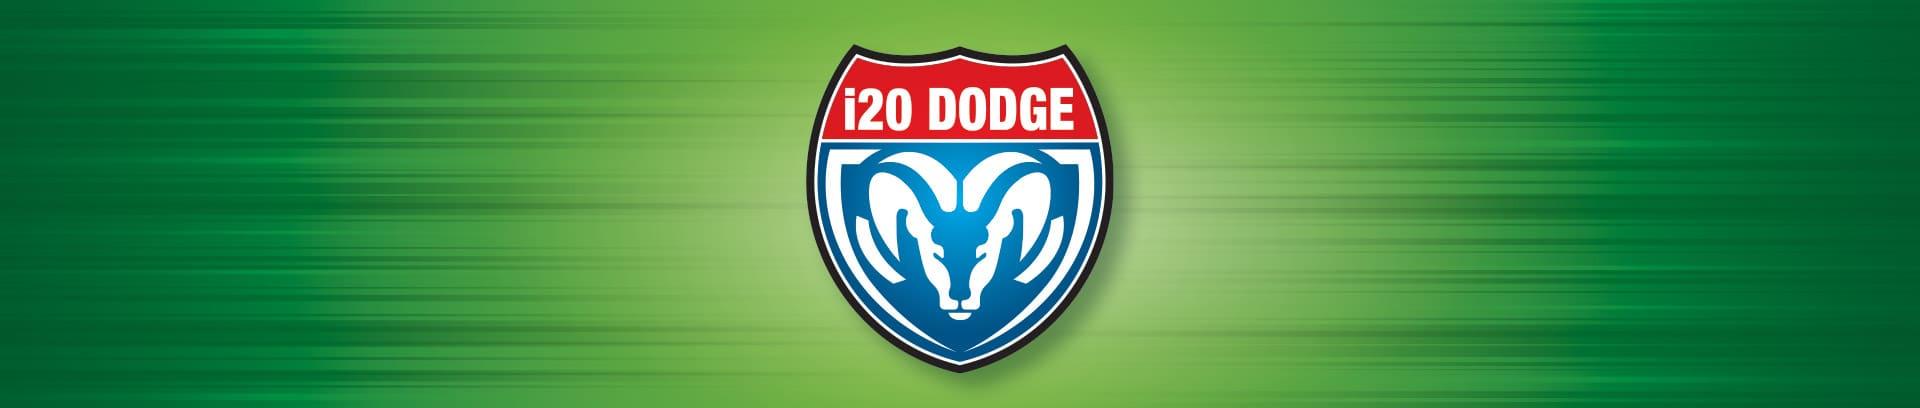 i20 Dodge Branded Campaign